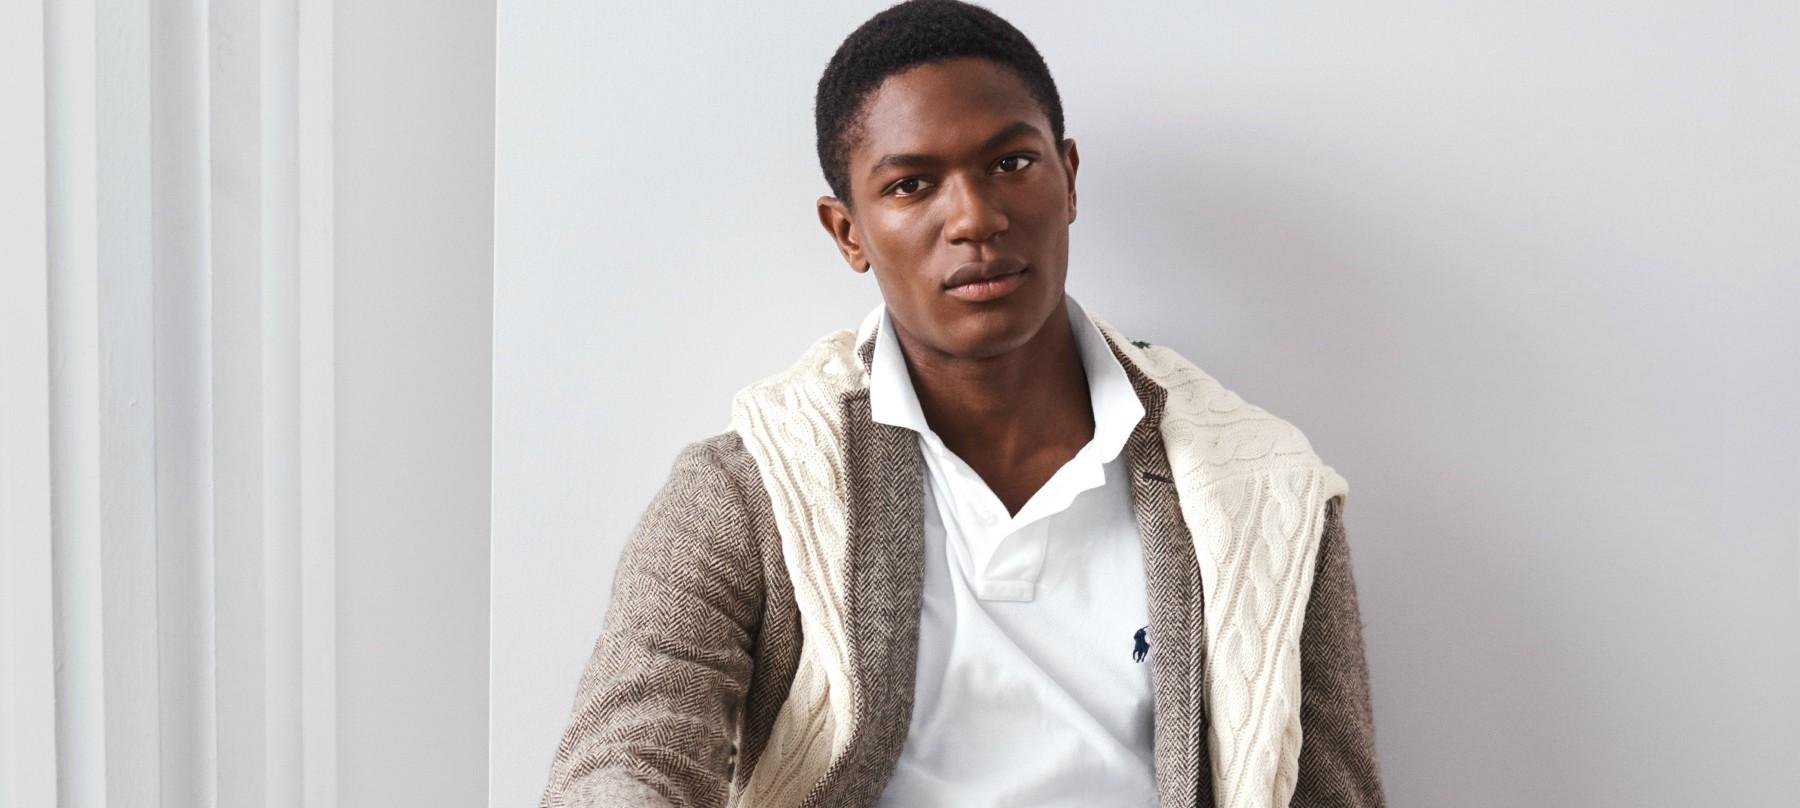 polo ralph lauren schwarze mannliche models